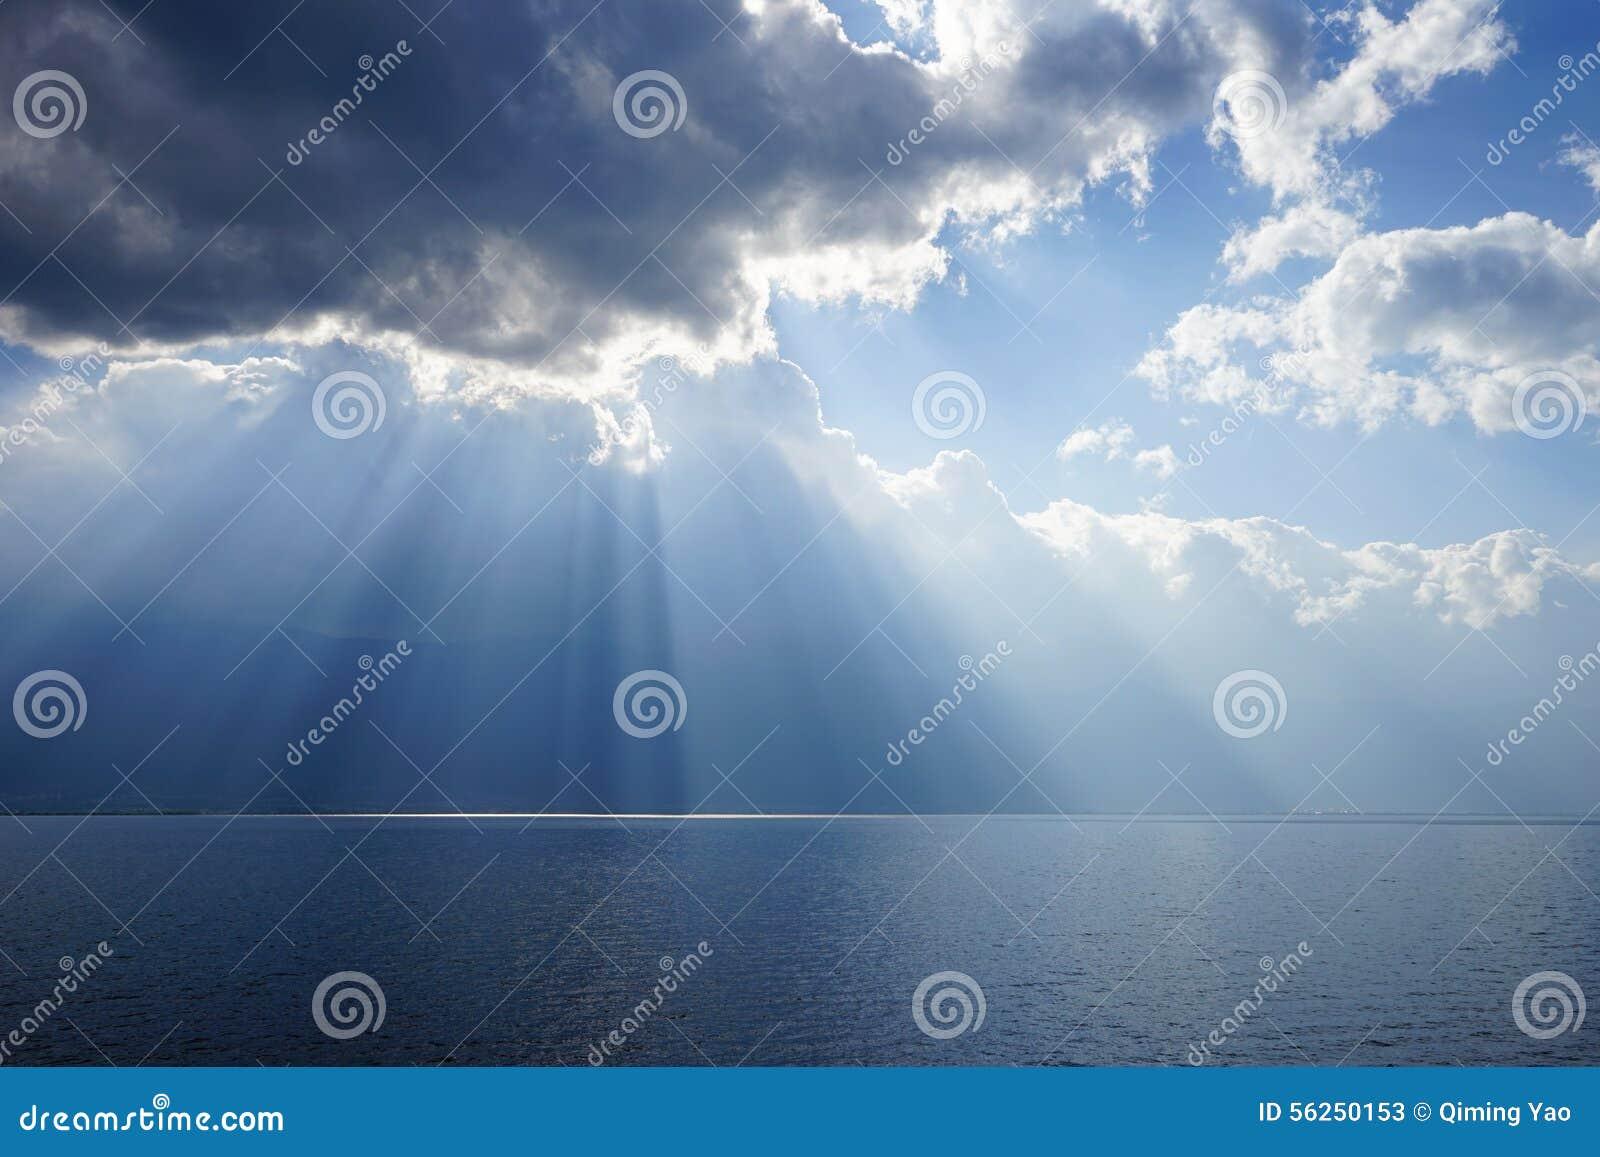 Rayos fantásticos